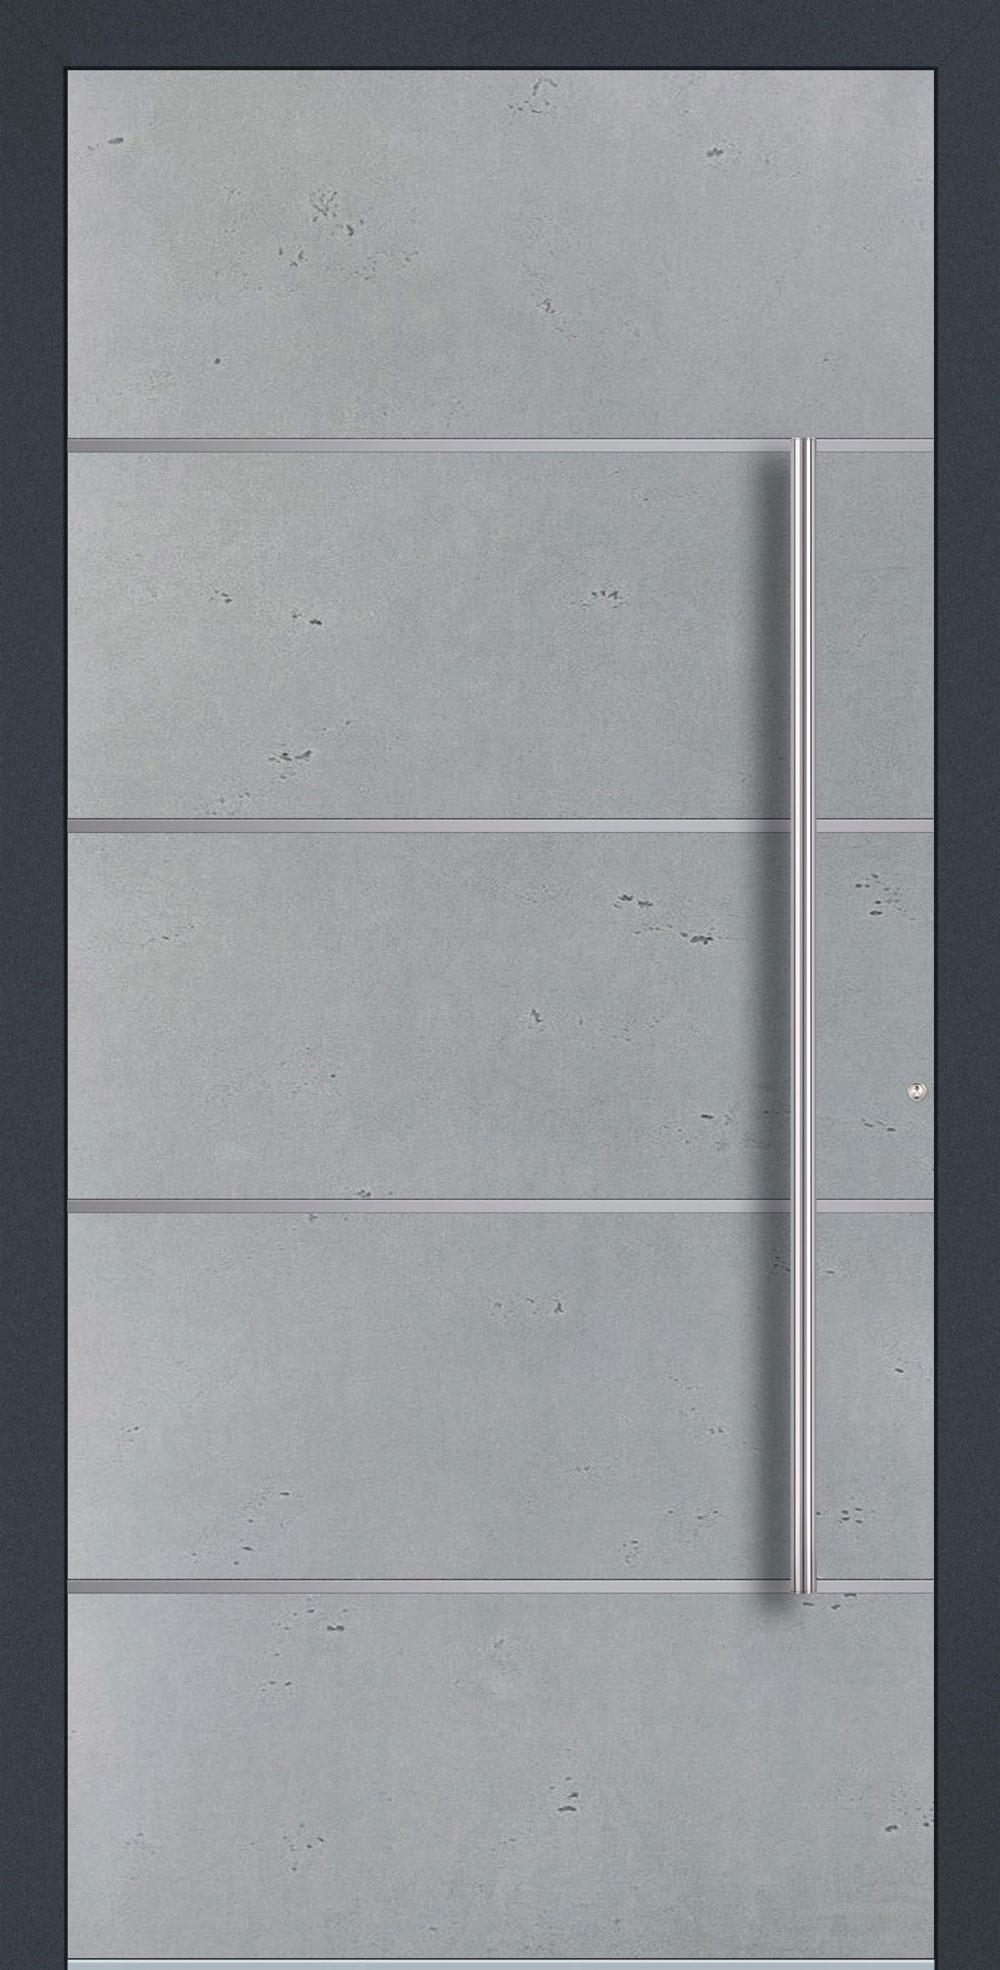 BE01 komplett geschlossen Betonoptik Vintage & Streifen in Edelstahl-Optik einseitig außen Anwendungsbeispiel in flügelüberdeckend, Edelstahlgriff 1600 ES